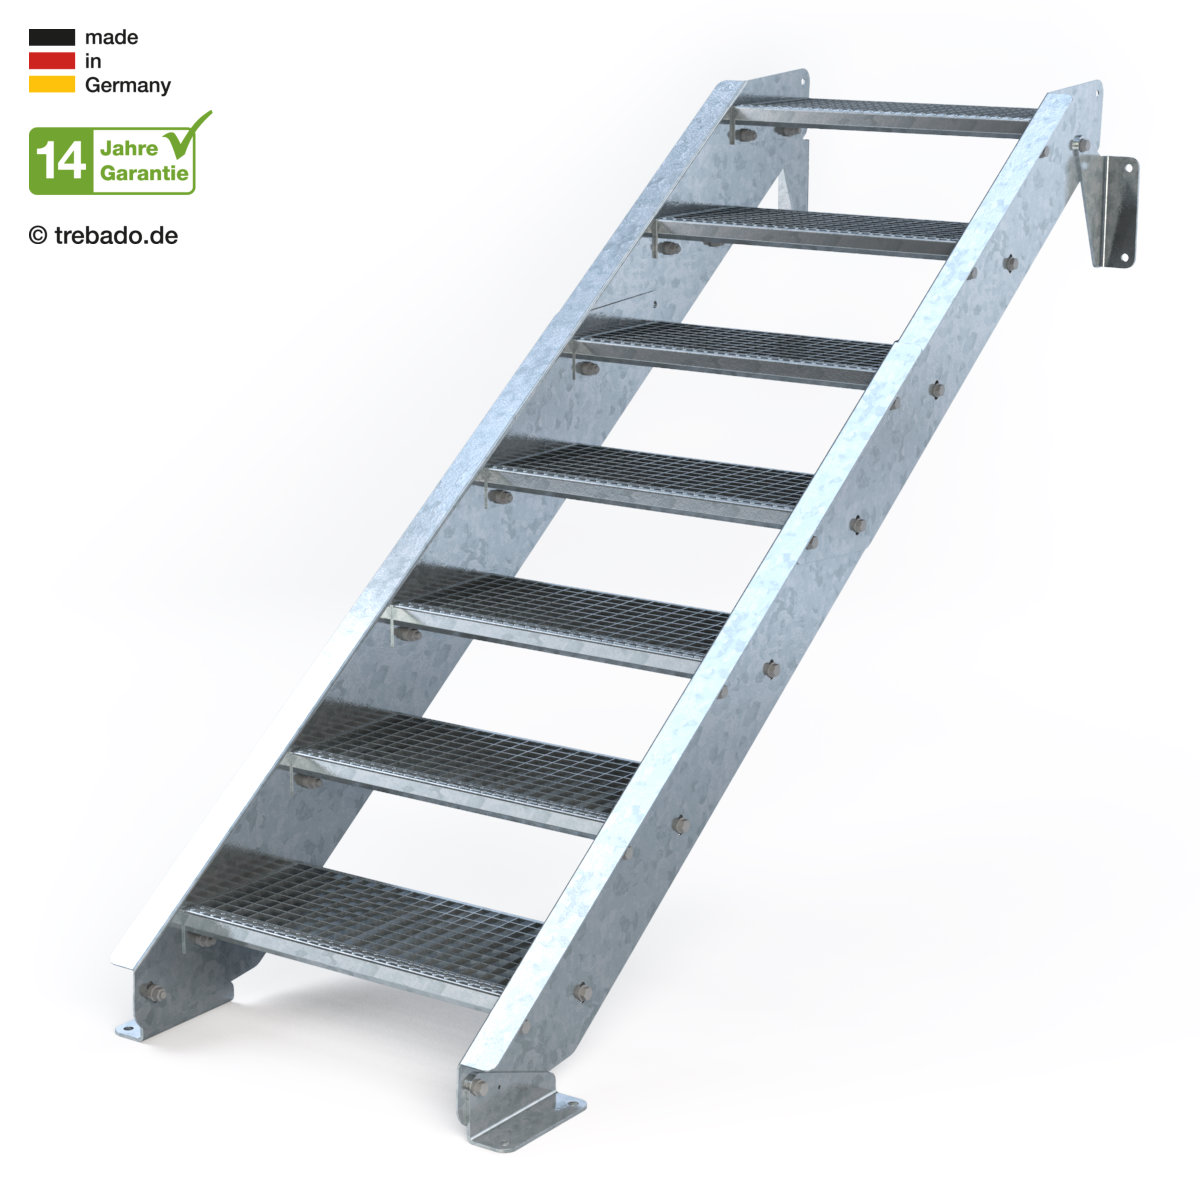 Breite 70cm Geschossh/öhe 100-140cm Stabile Industrietreppe f/ür den Au/ßenbereich Wangentreppe Robuste Au/ßentreppe 7 Stufen Stahltreppe mit beidseitigem Gel/änder Inklusive Zubeh/ör